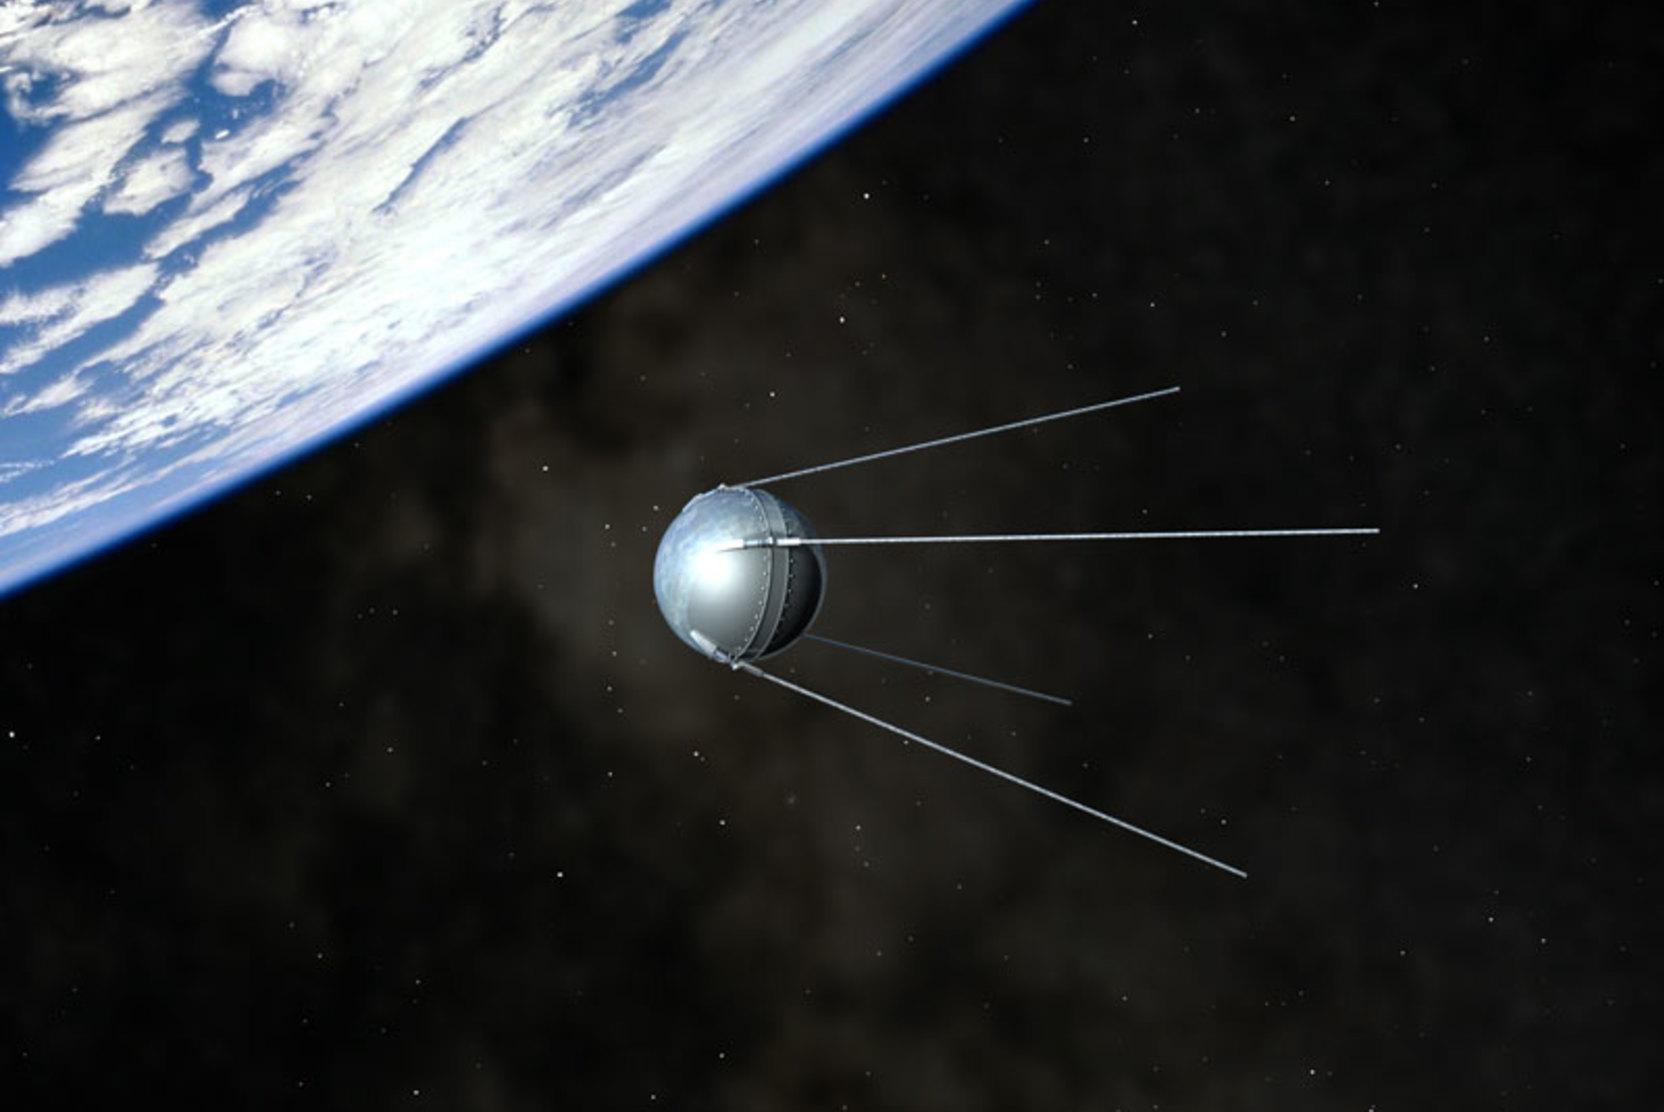 ЕС запустит спутник для сверхчетких фотографий